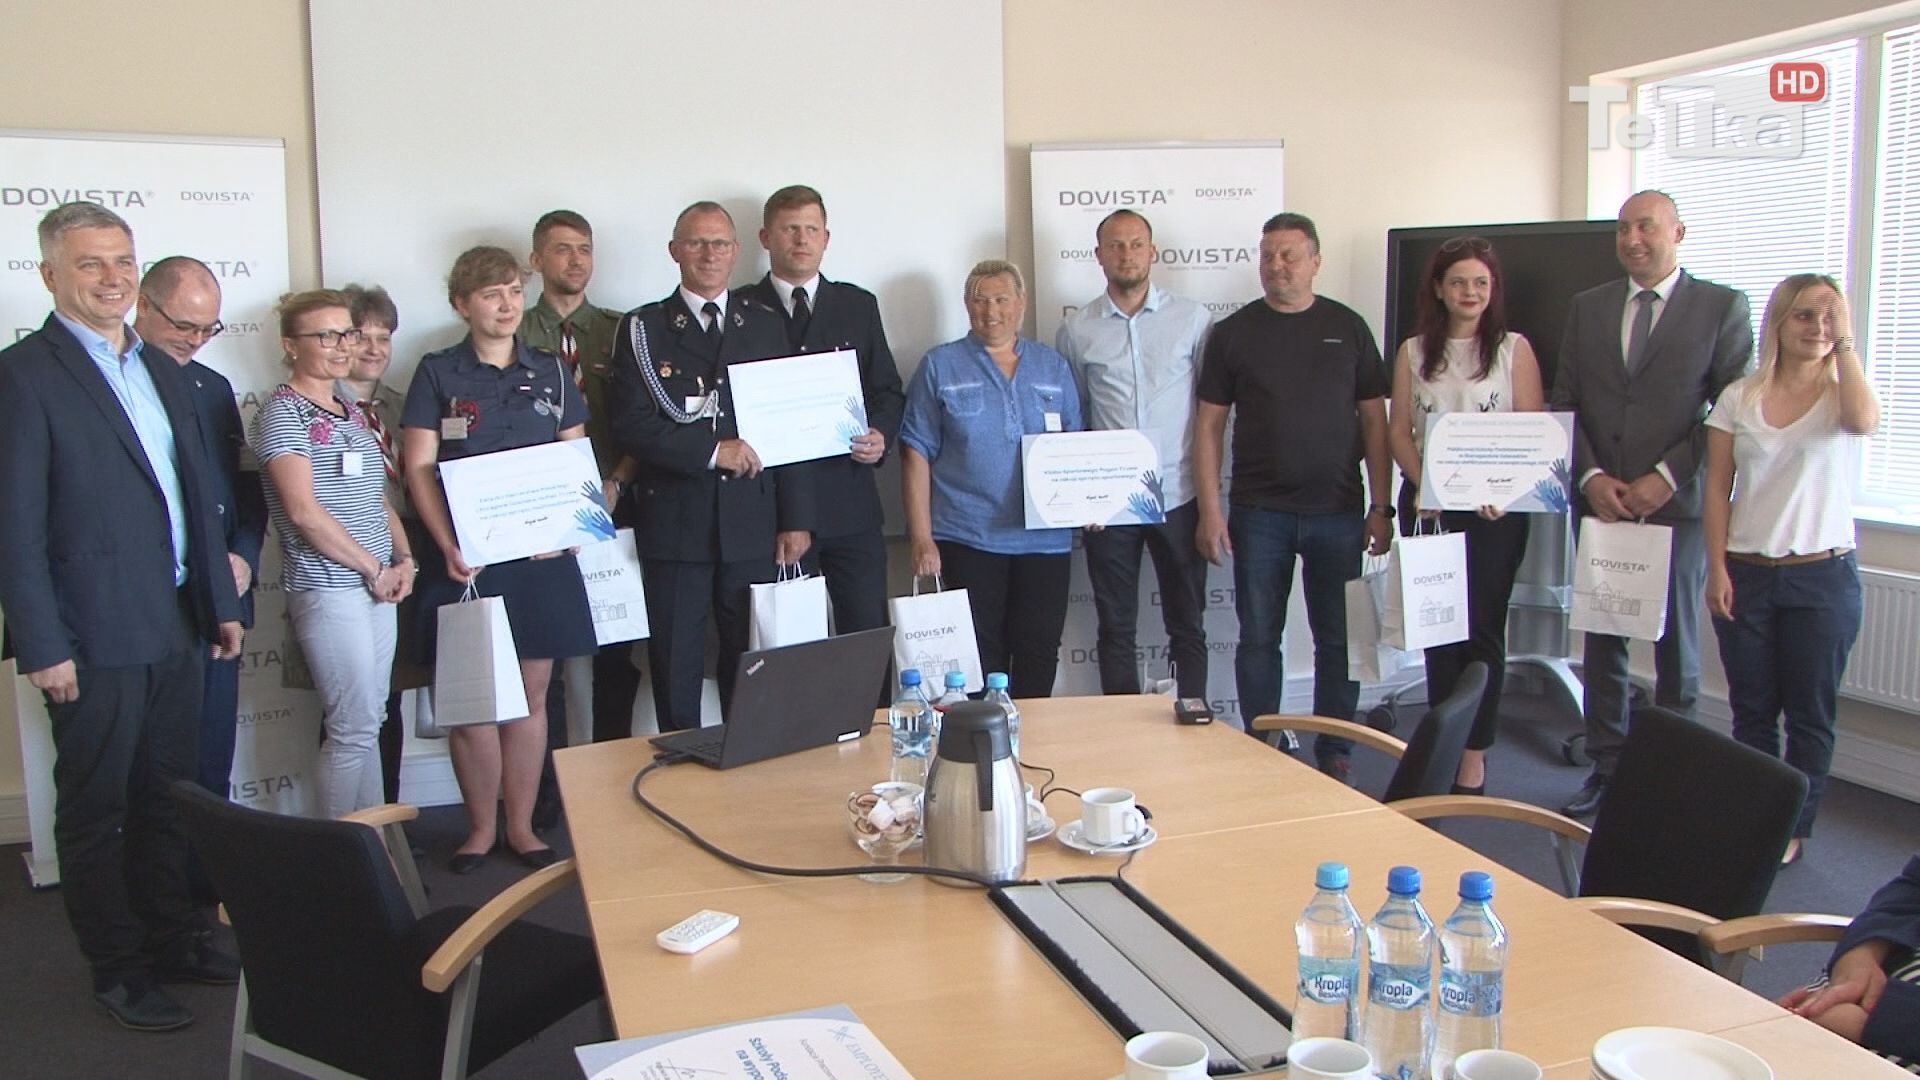 Pięć organizacji otrzymało granty od Fundacji Pracowniczej Grupy VKR Dovista